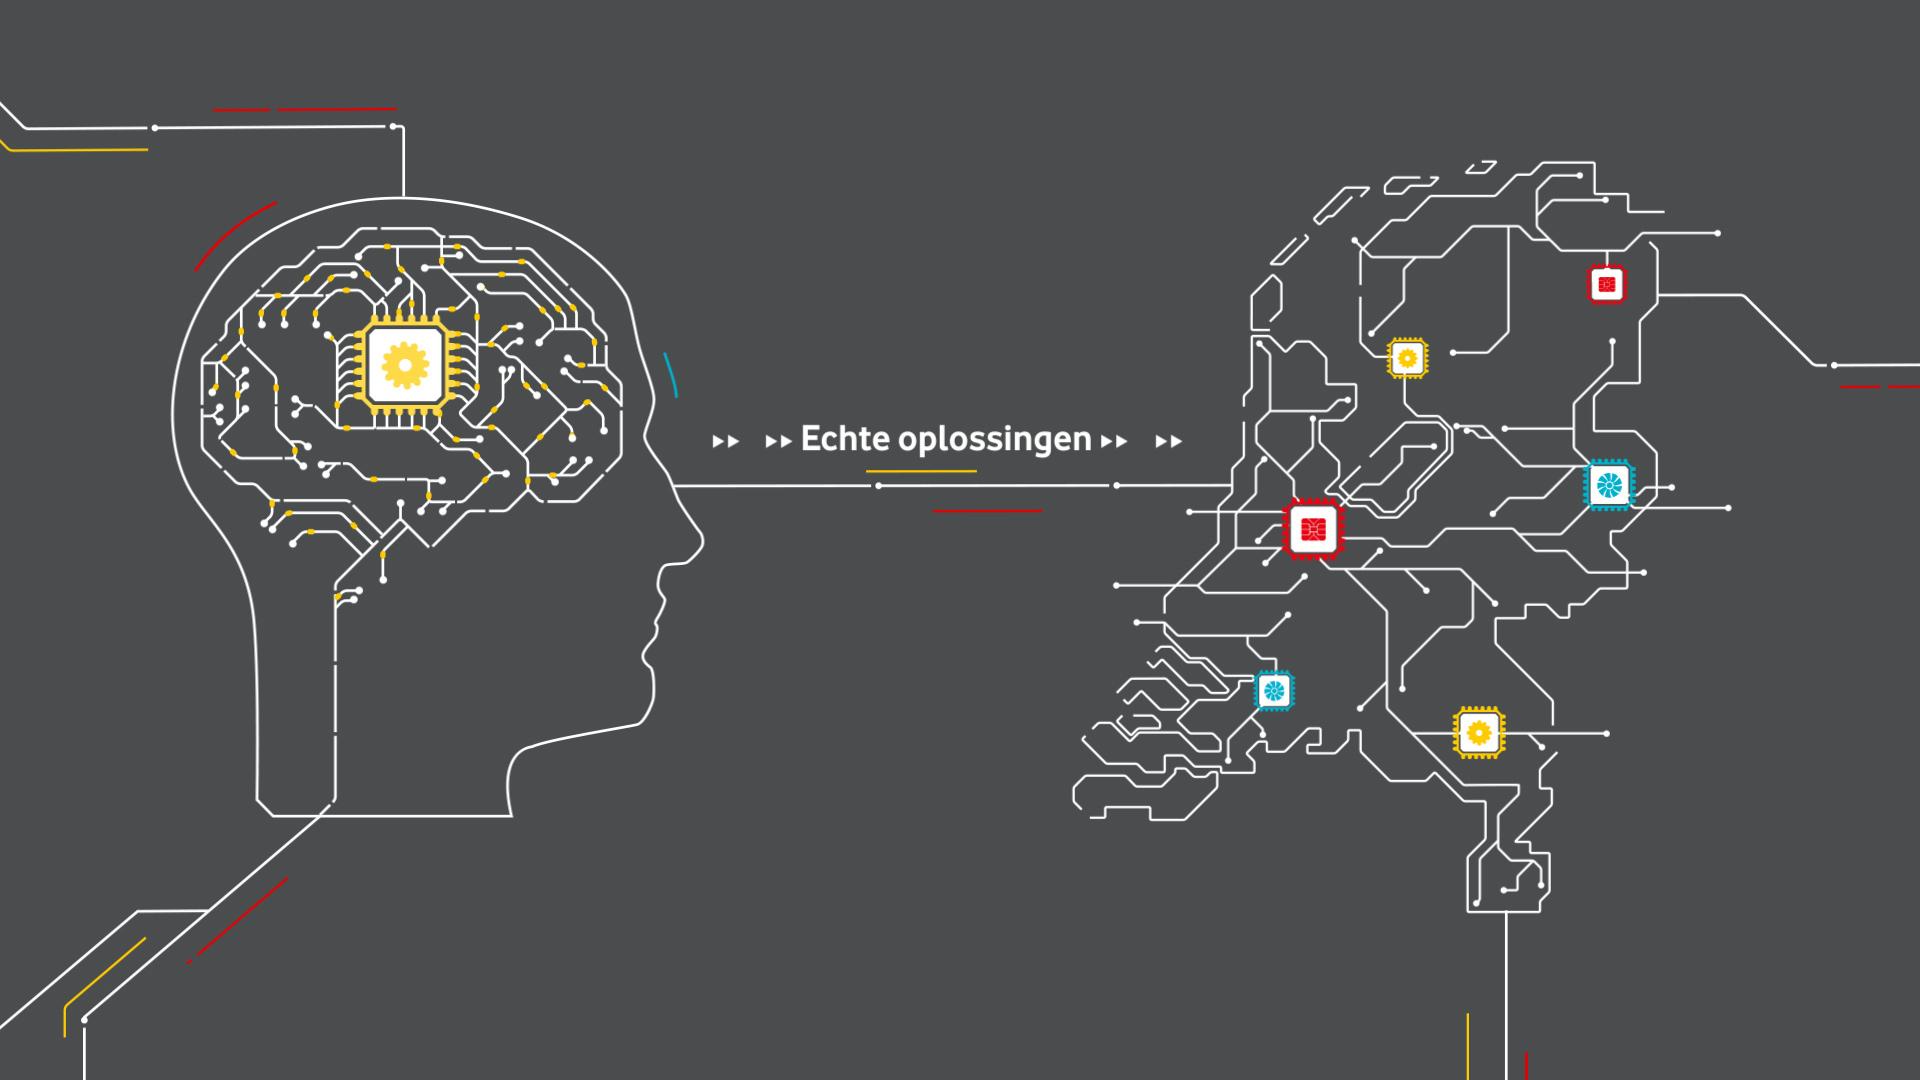 http://files.smart.pr/5b/6205b0c17211e380f433082473fbc8/Introfilm---Brain-_-NL.jpeg